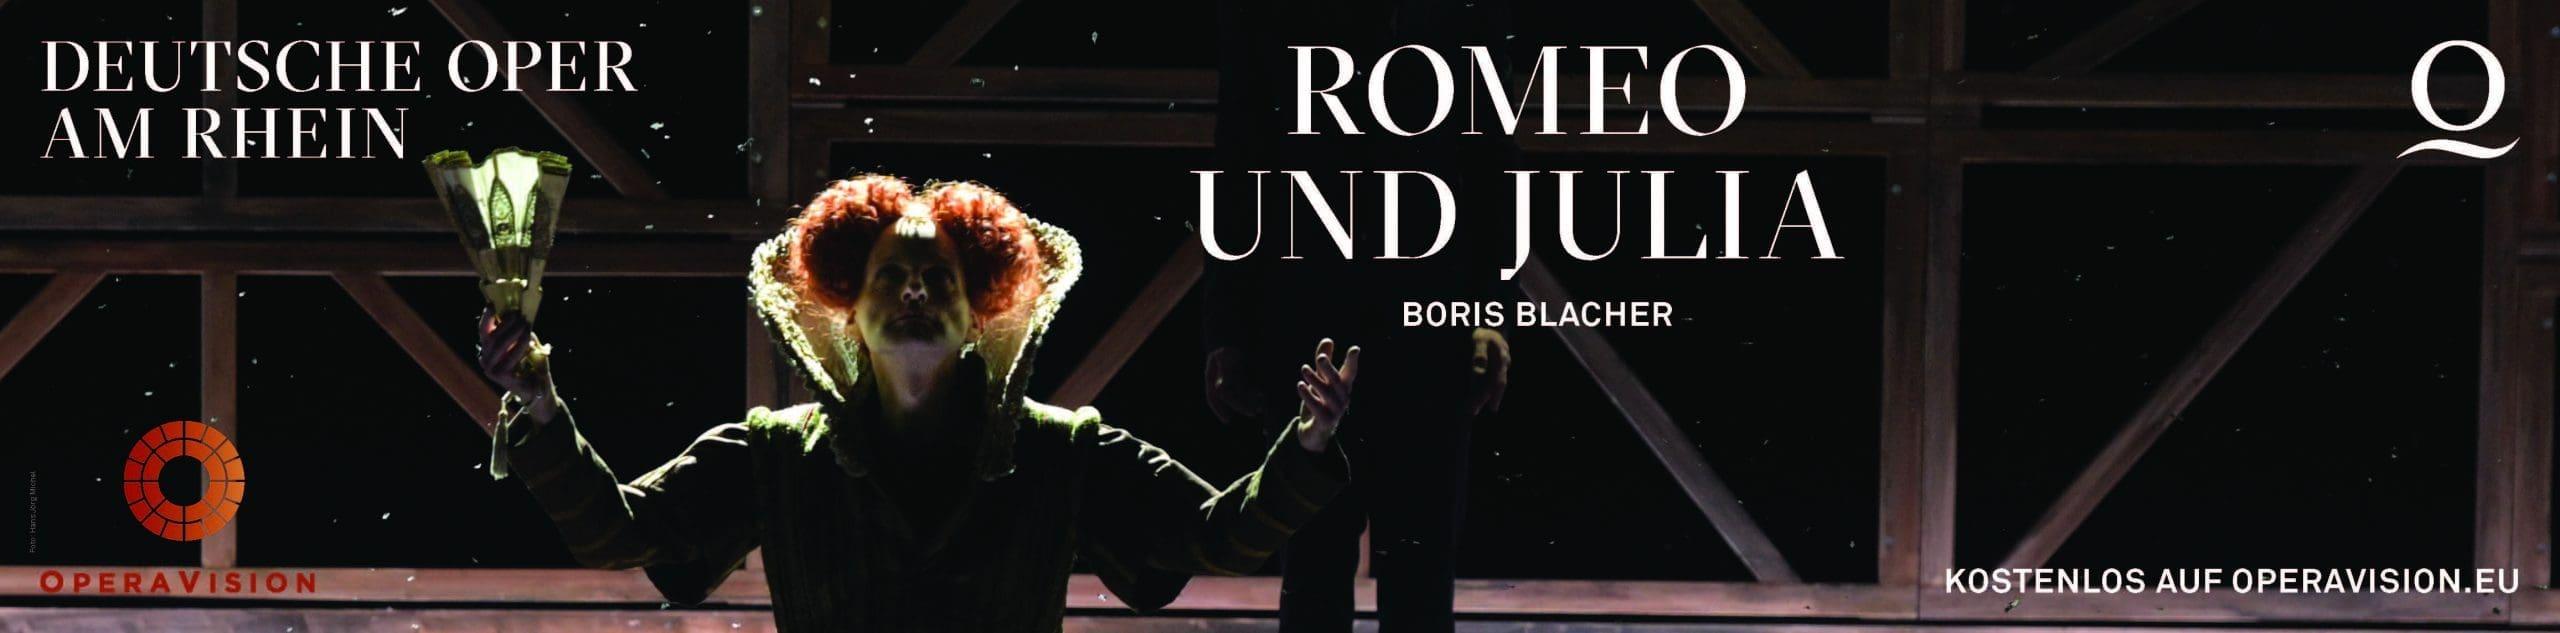 Deutsche Oper Rhein Romeo Julia